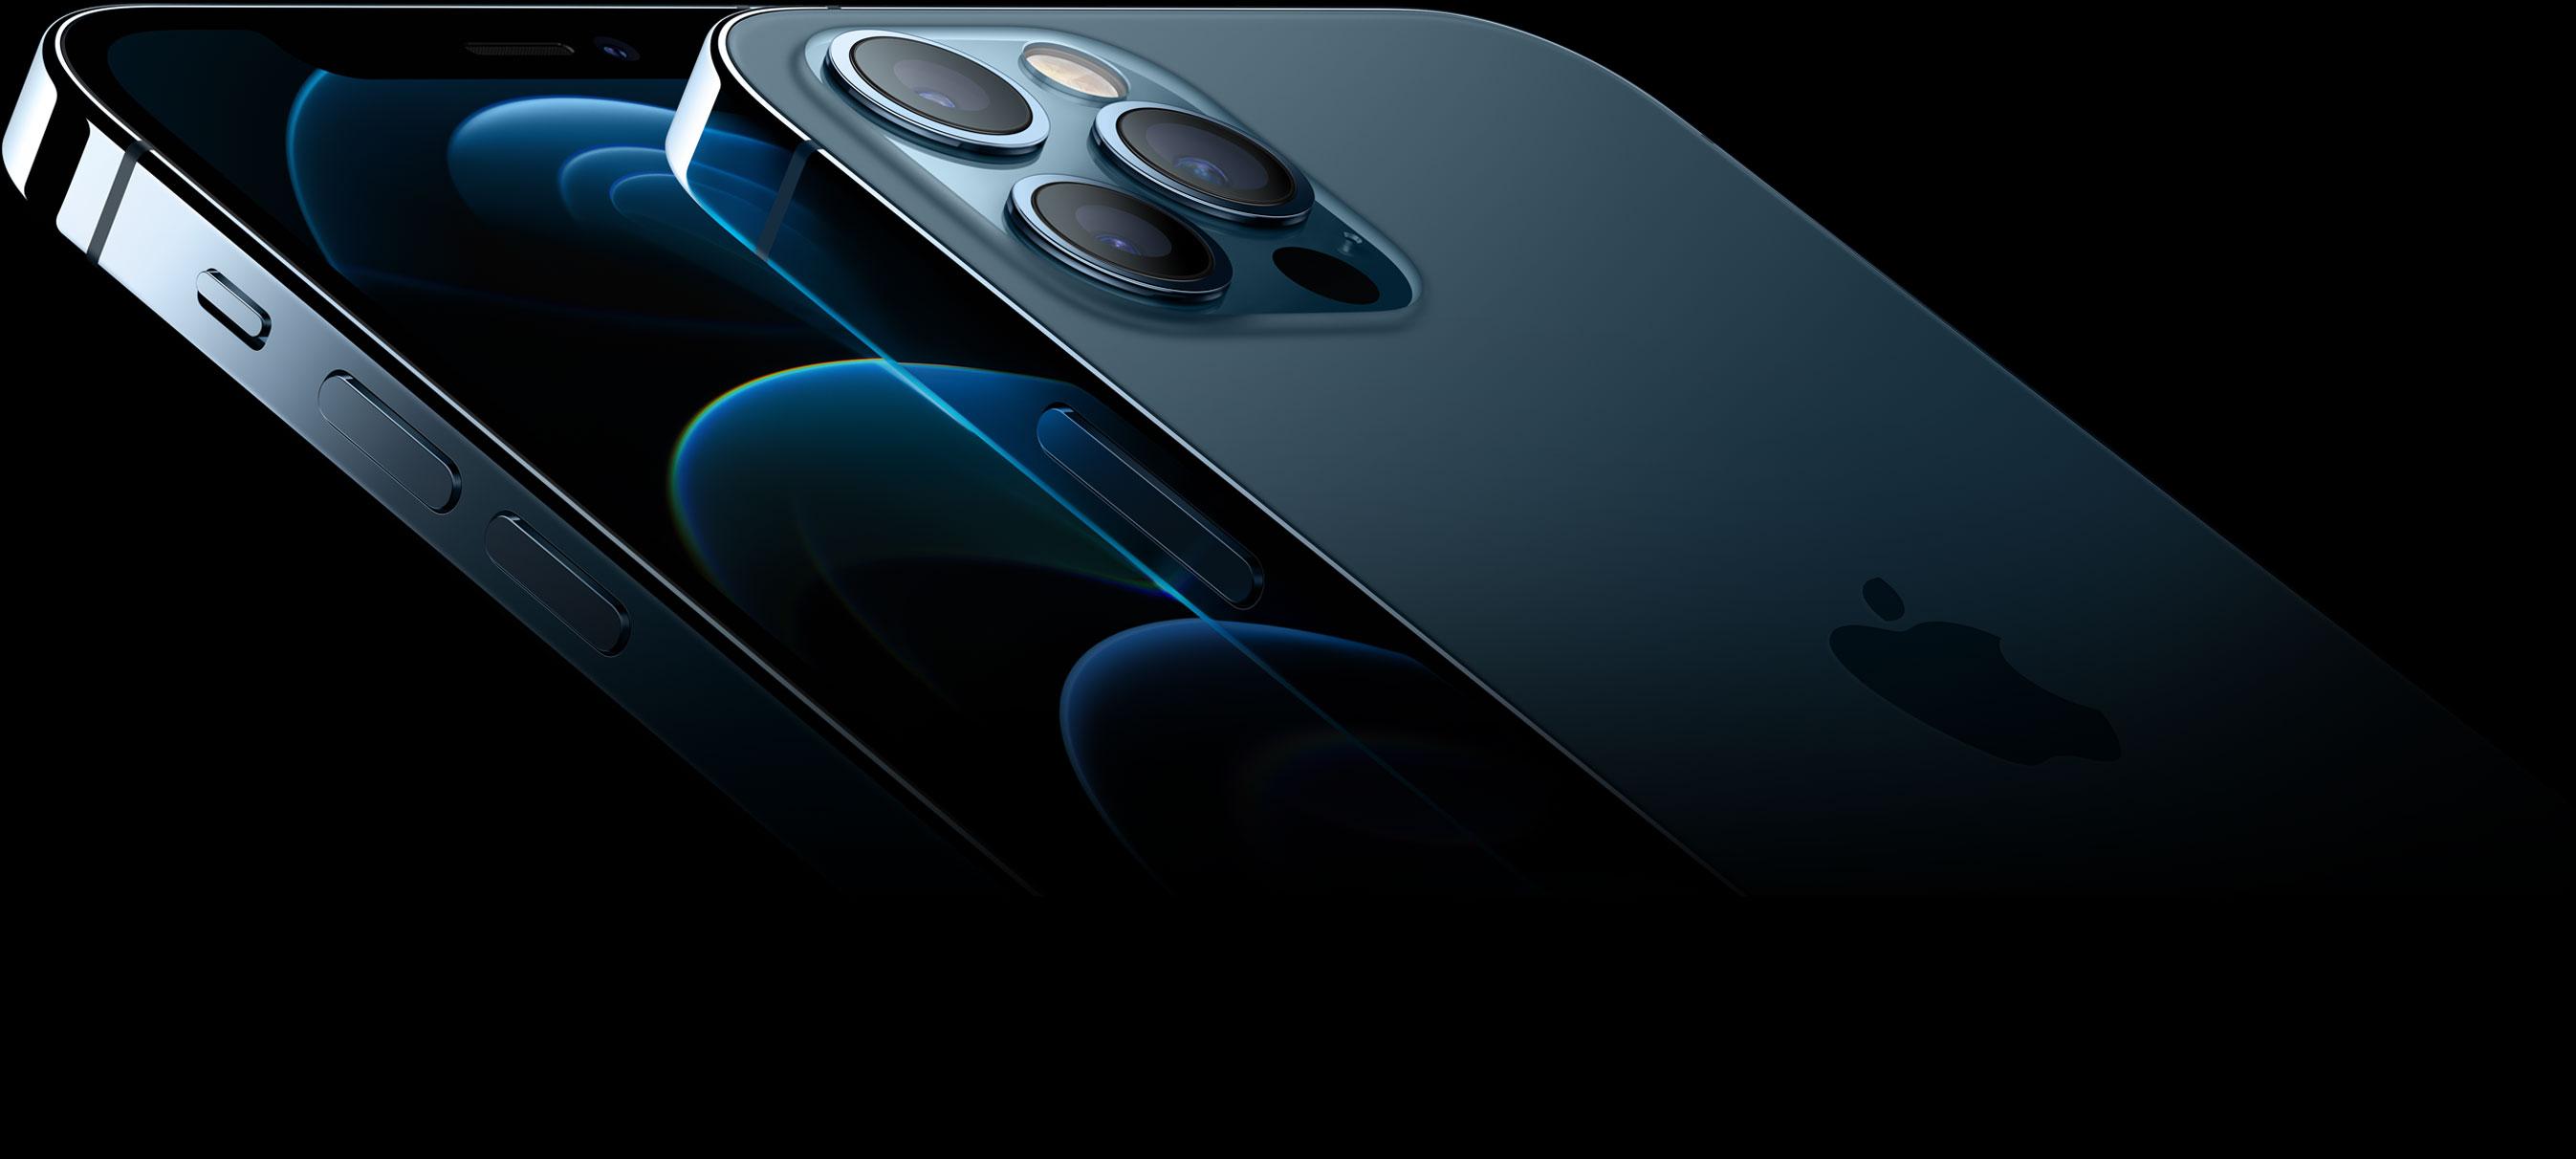 В этом году iPhone Pro версии получил еще больше возможностей, таких как поддержка высокоскоростных сетей 5G, невероятно производительный чип A14 Bionic, профессиональная система камер и улучшенный керамический корпус.